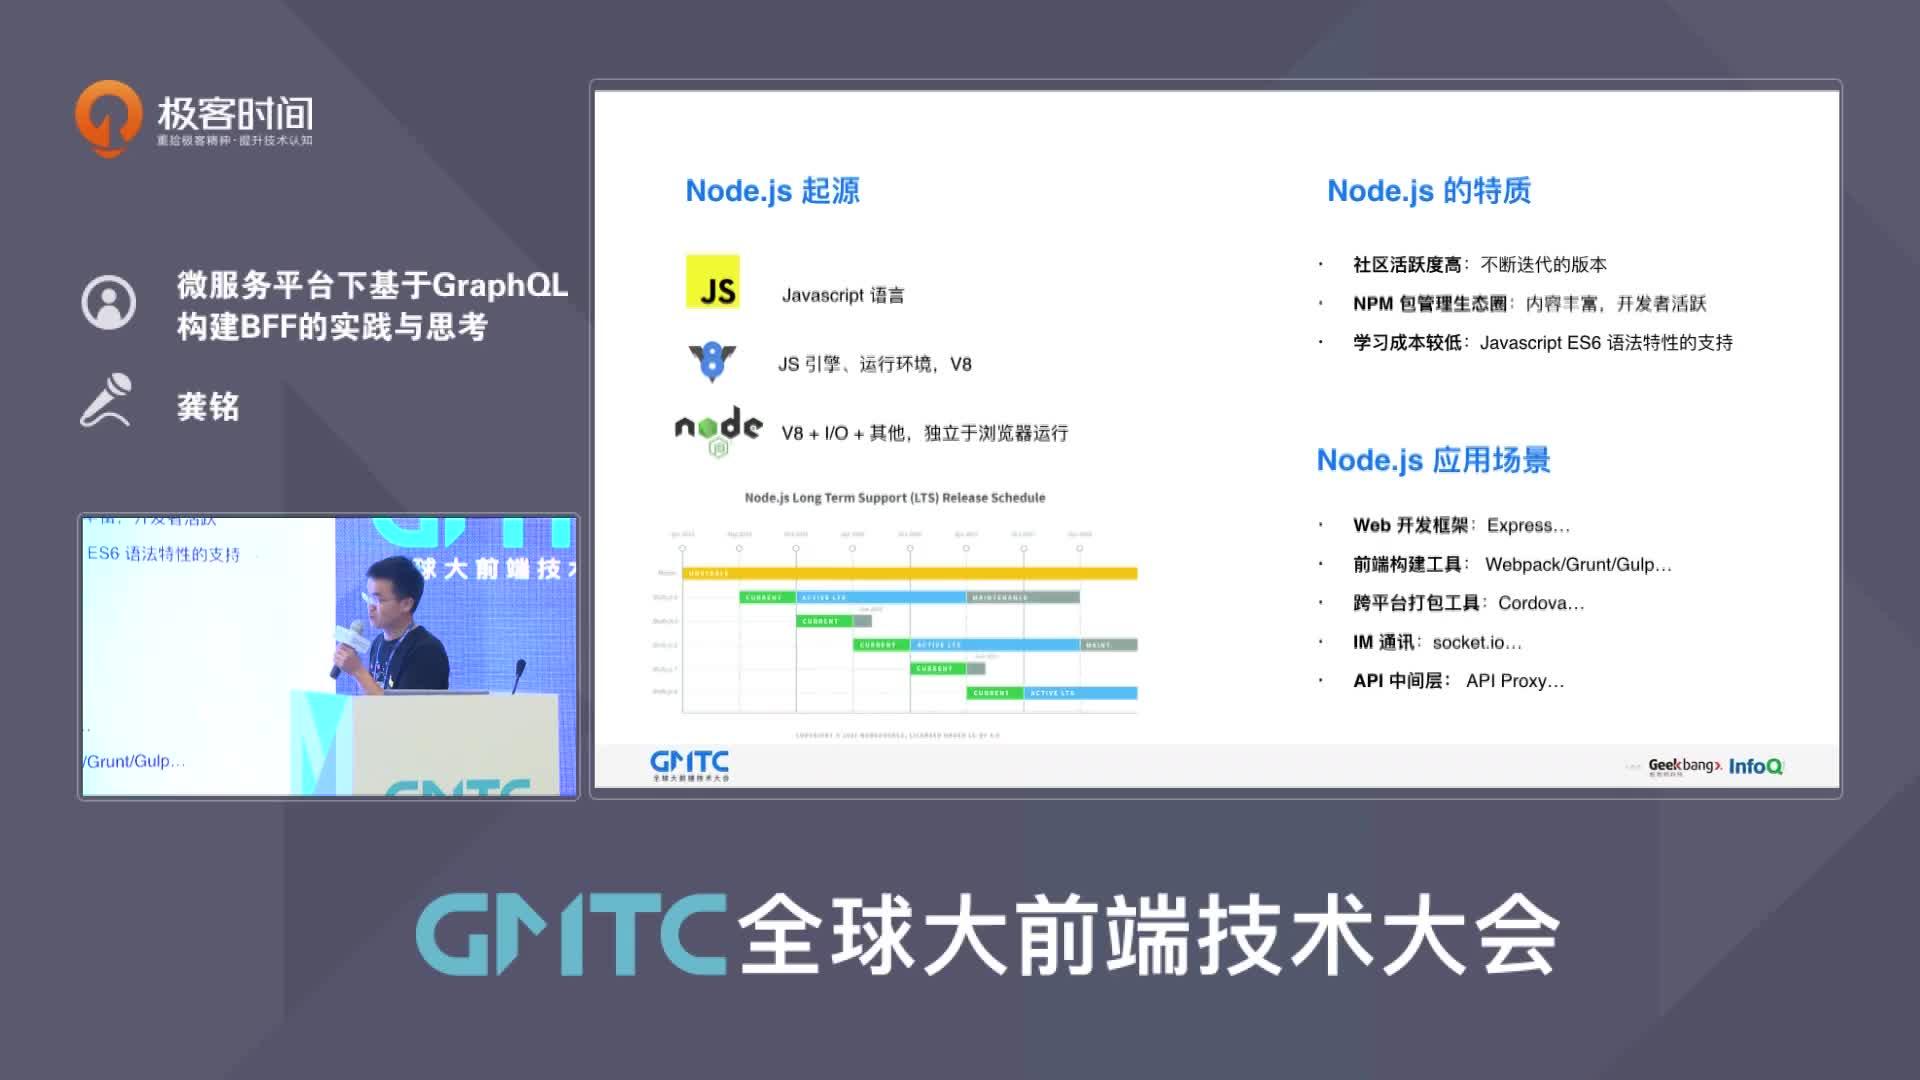 微服务平台下基于GraphQL构建BFF的实践与思考丨GMTC